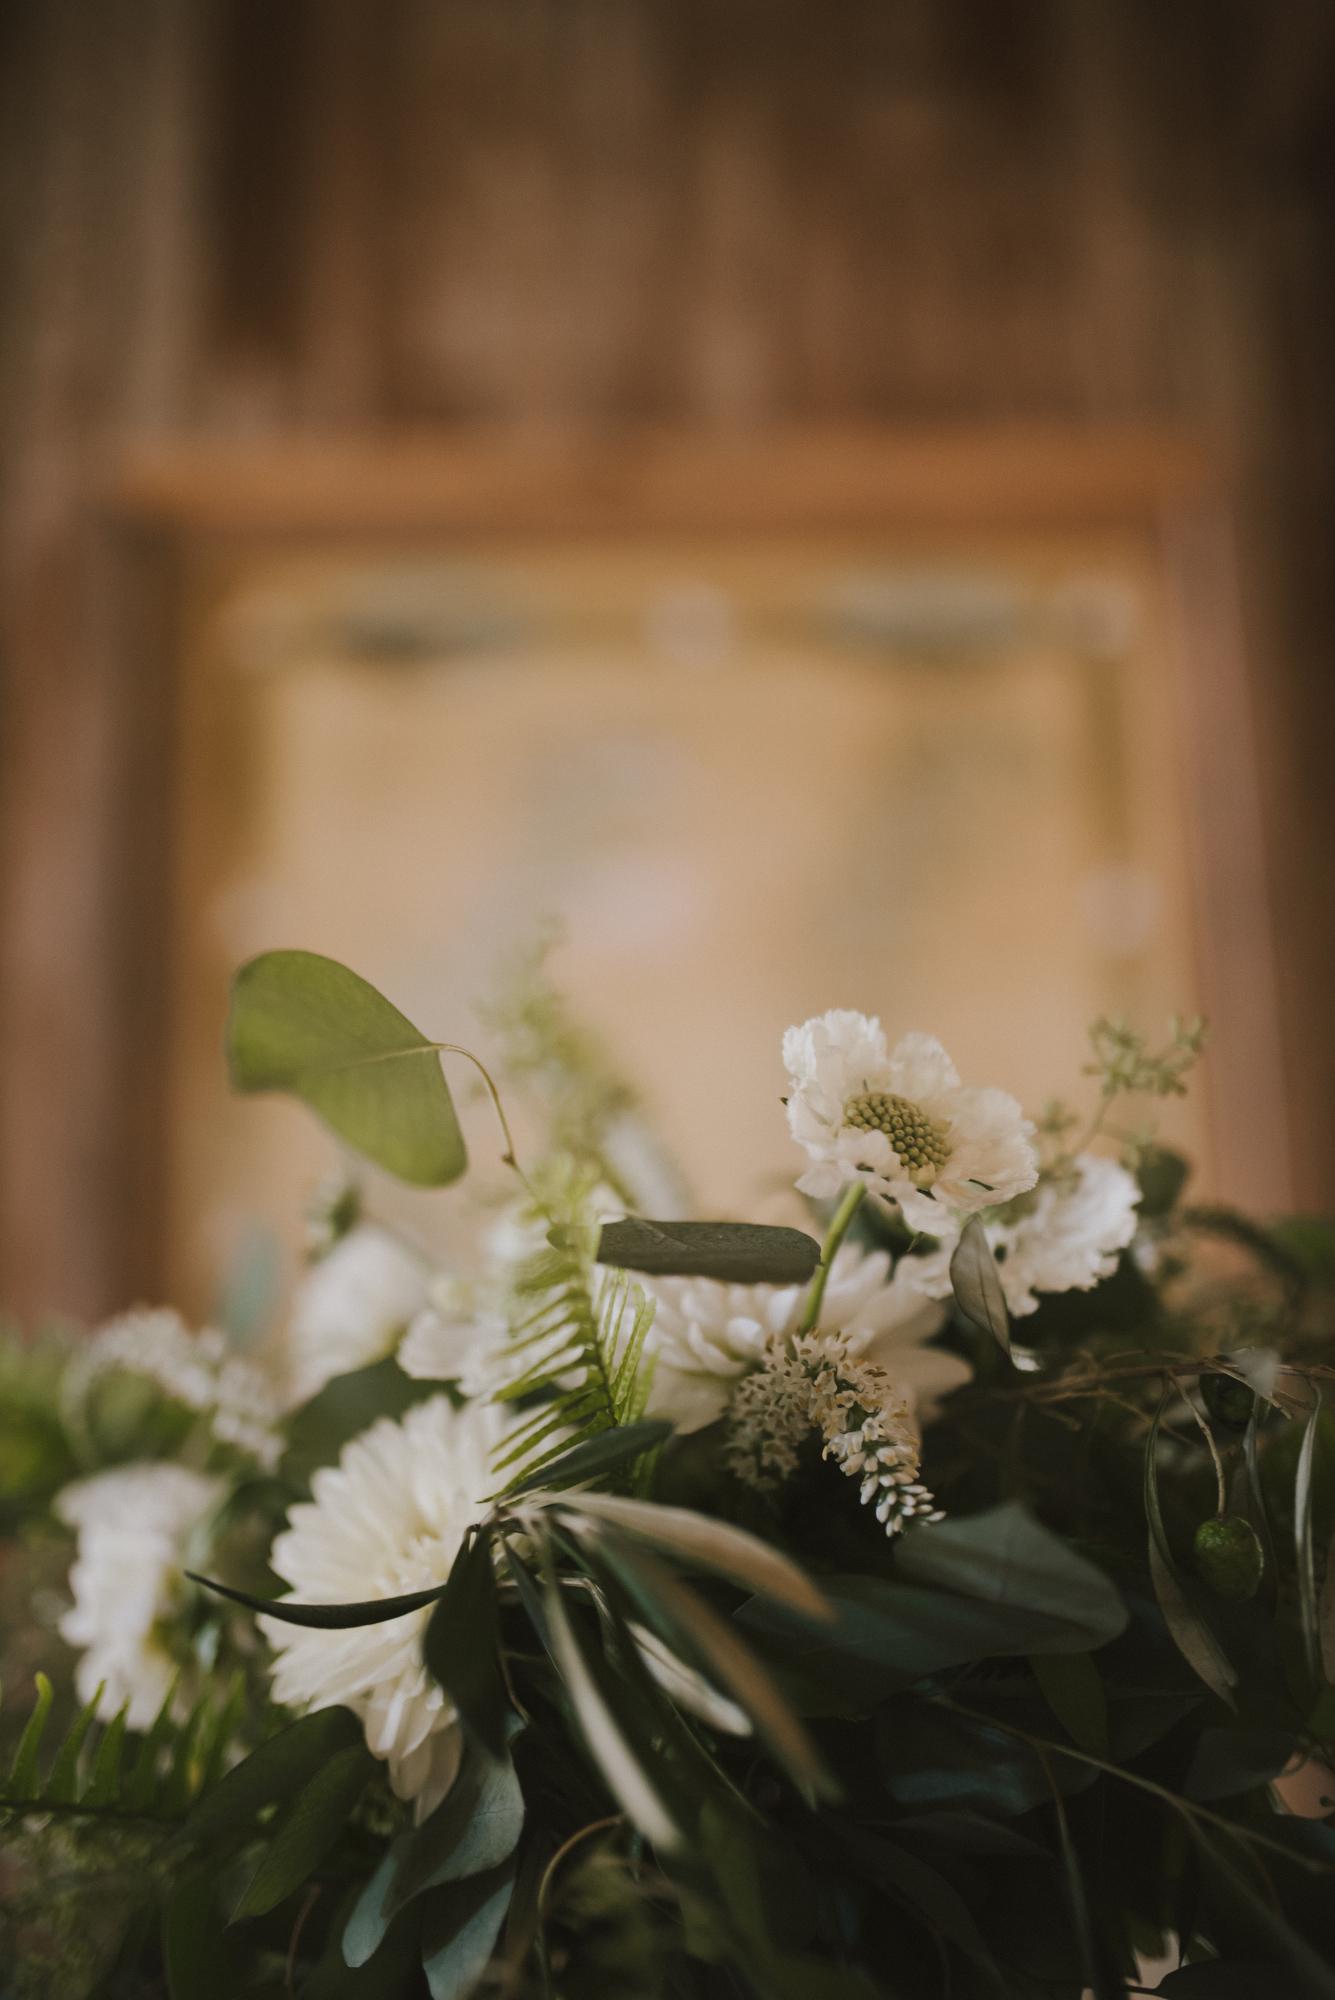 ofRen_weddingphotography025.JPG